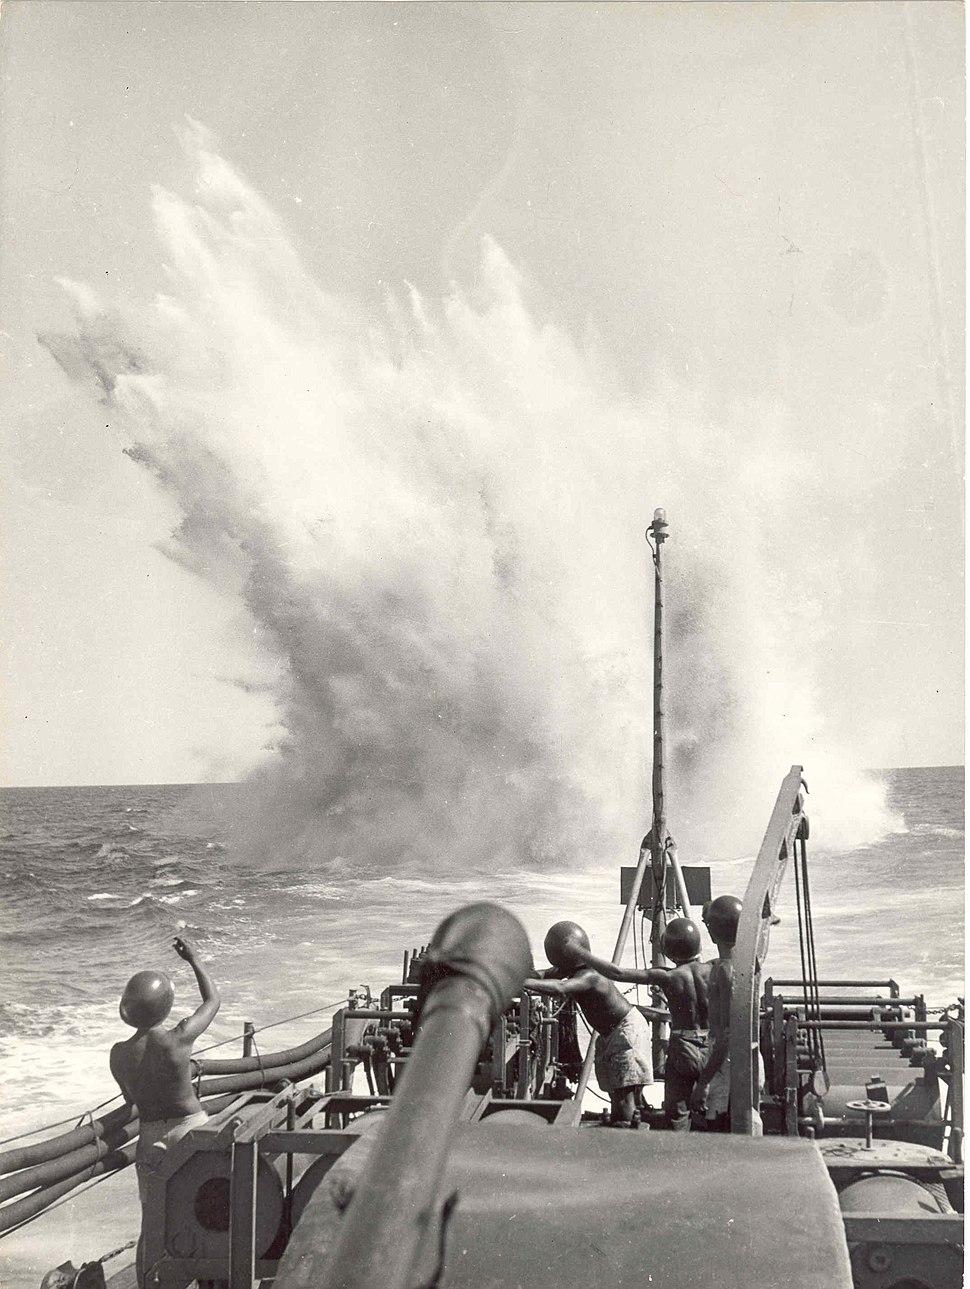 036562036562 - Exercício de lançamento de bombas de profundidade a bordo do Caca submarinos Guajará, 1944 (26171331354)